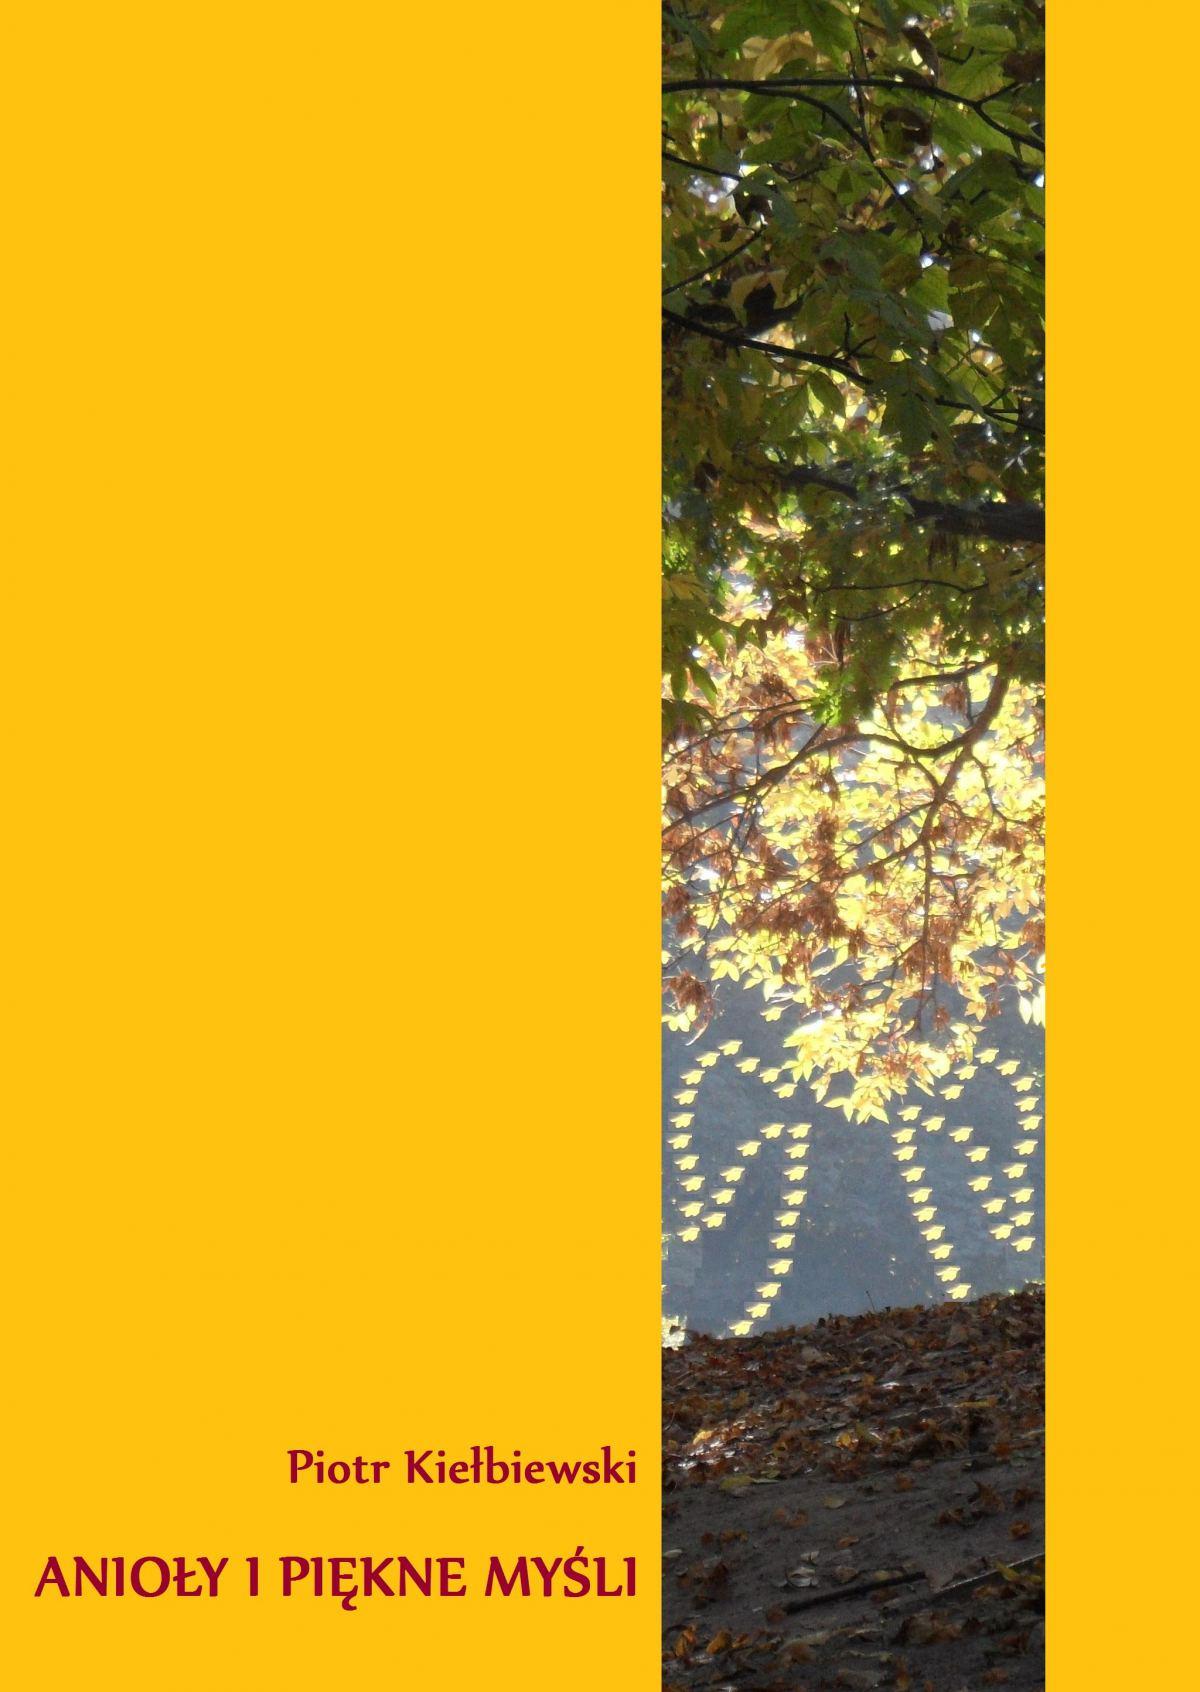 Anioły i piękne myśli - Ebook (Książka EPUB) do pobrania w formacie EPUB